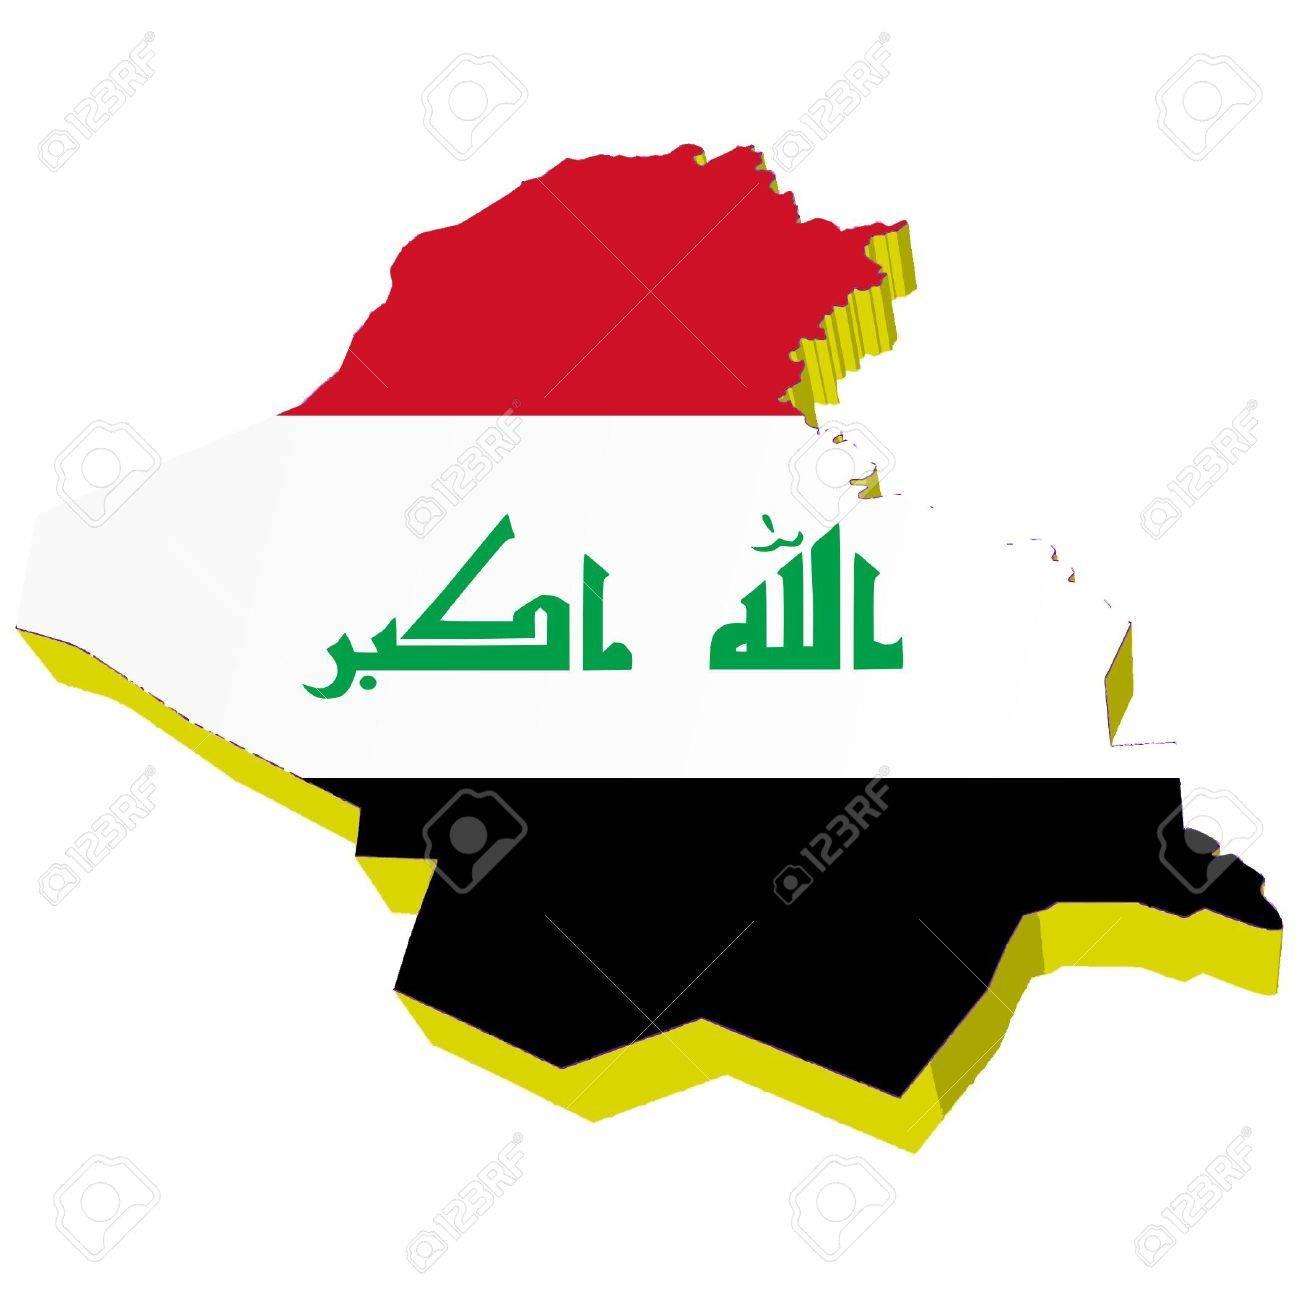 vectors 3D map of Iraq Stock Vector - 13317504